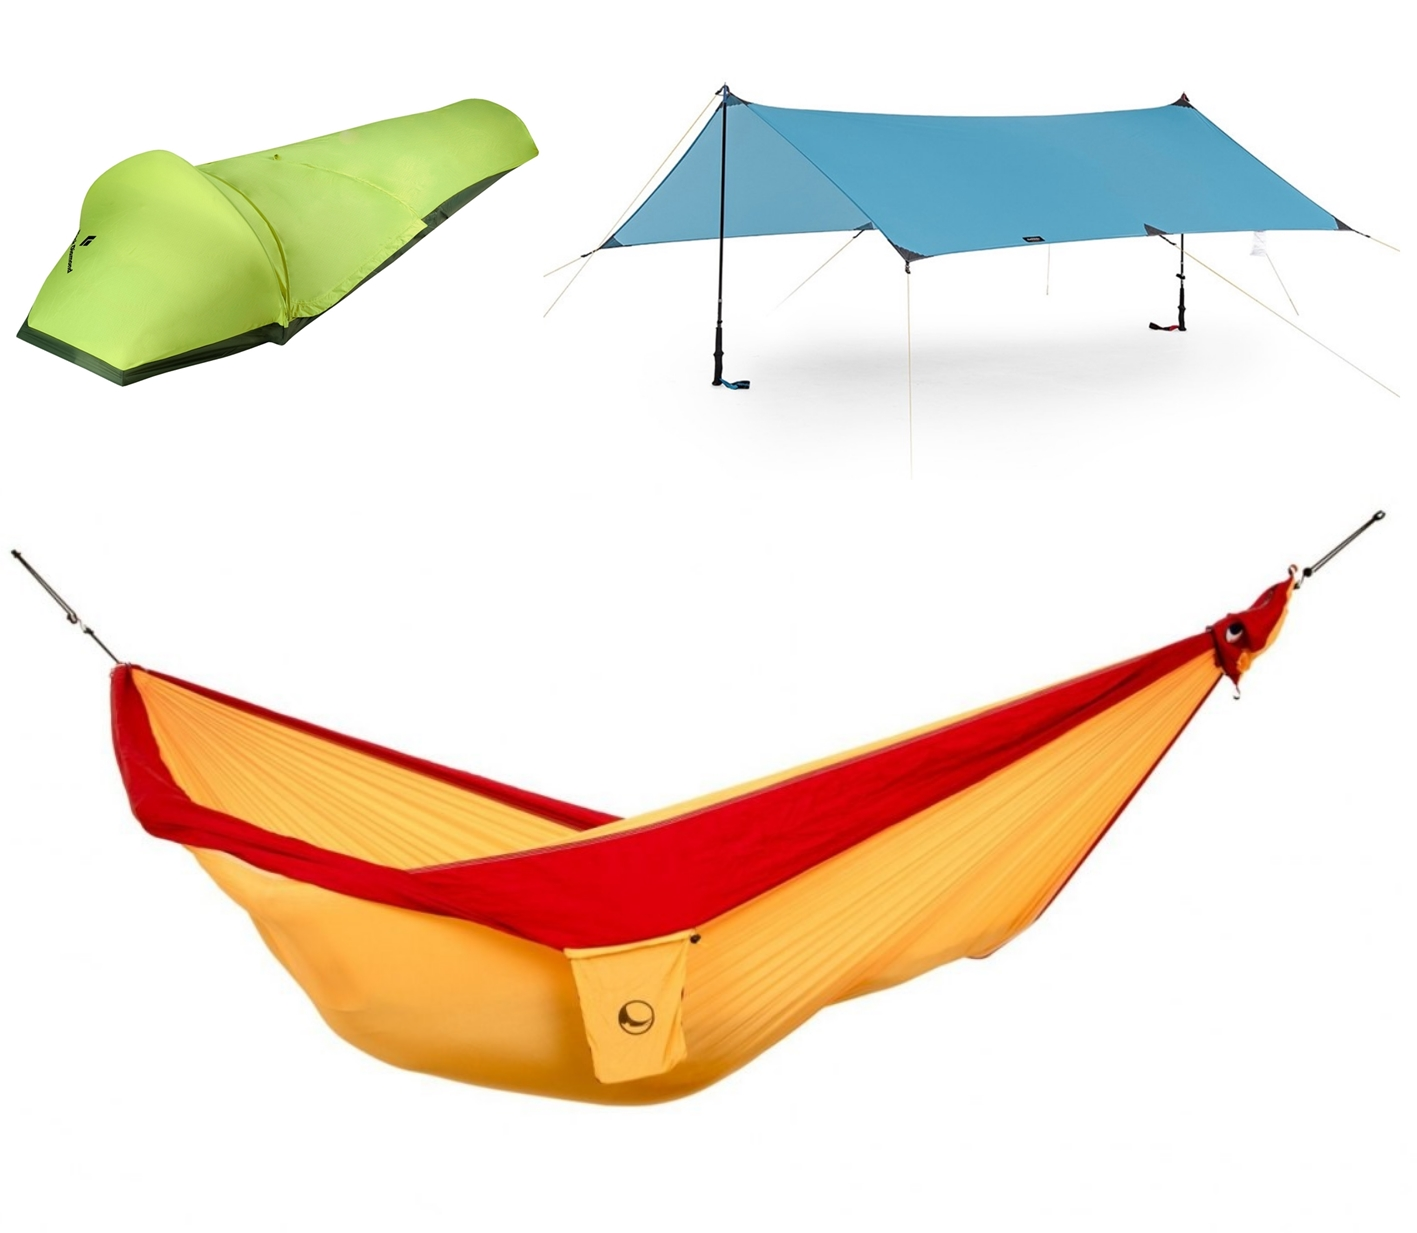 Płachta, tarp, hamak - alternatywy dla namiotu